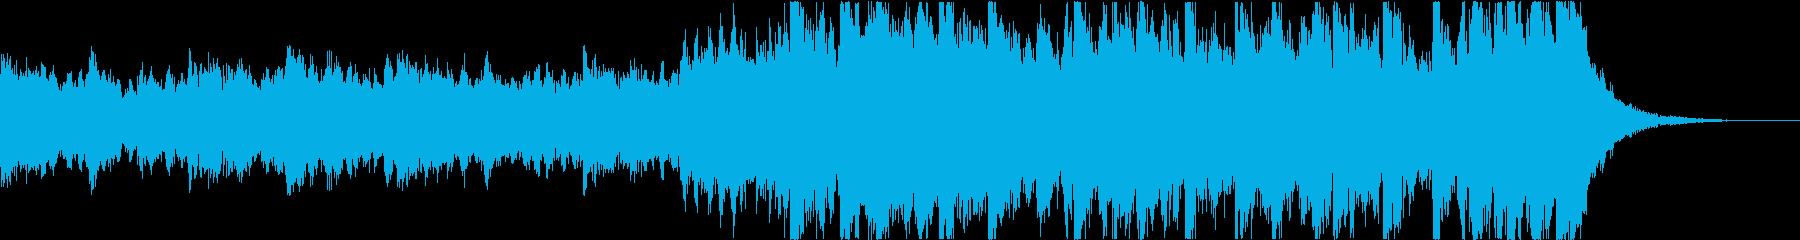 勇壮なエピックオーケストラジングルの再生済みの波形